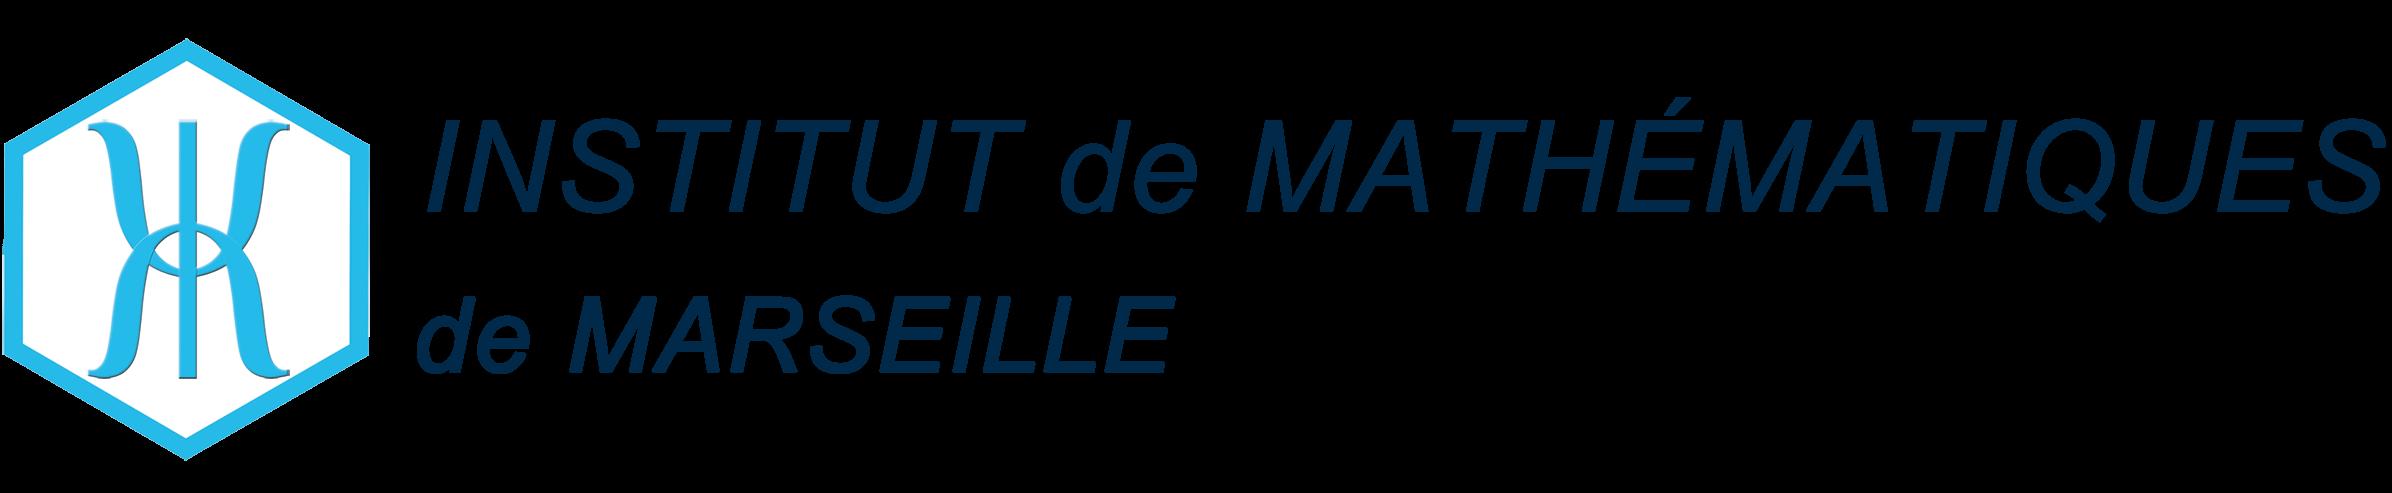 INSTITUT DE MATHÉMATIQUES DE MARSEILLE